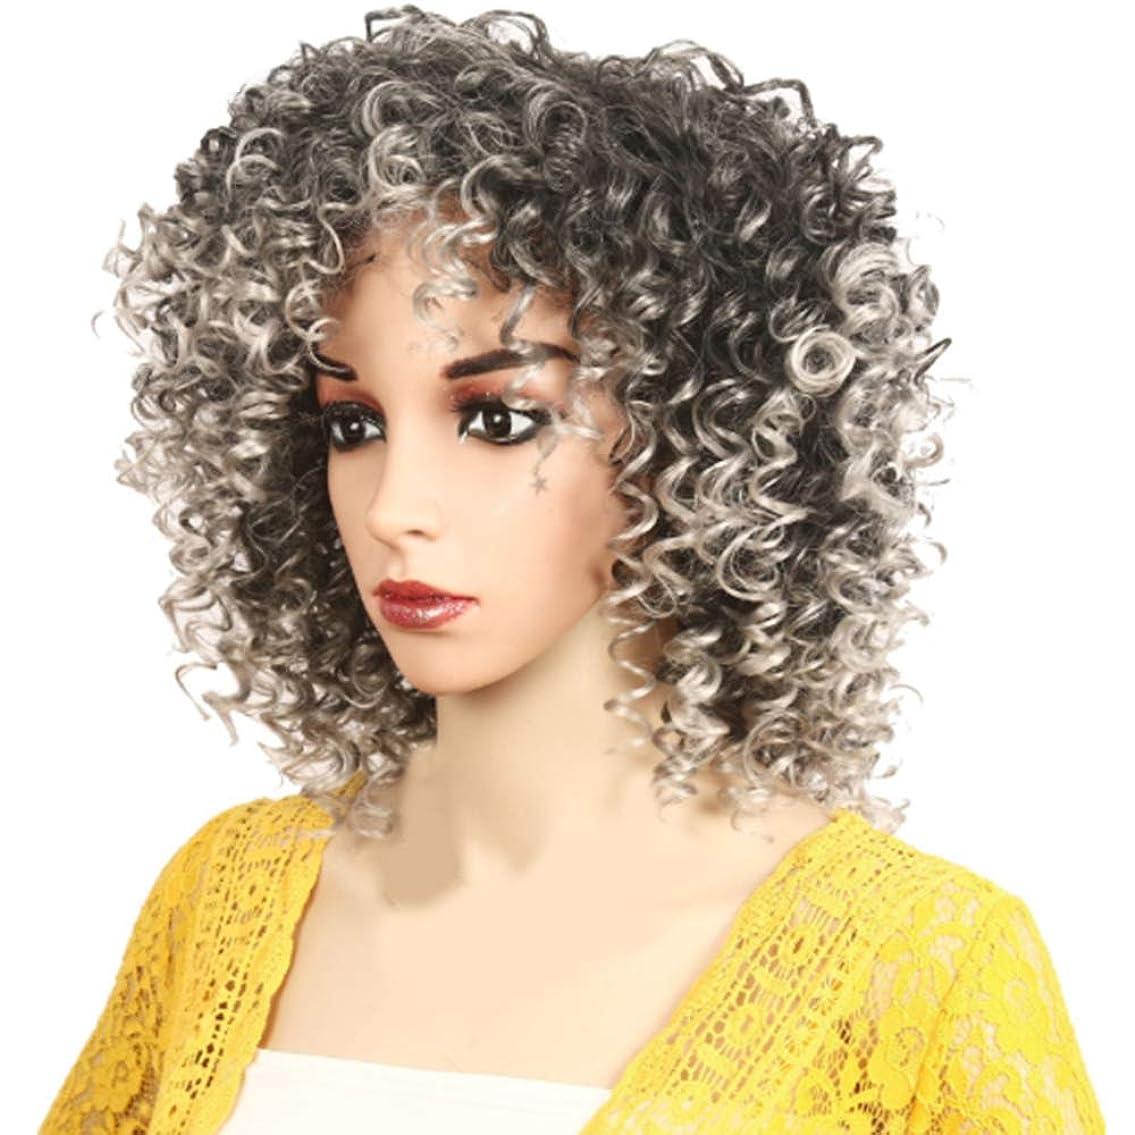 そよ風階層細分化するアフリカの黒人女性のかつら短い巻き毛のかつらふわふわ自然は低温二次形状で矯正することができます,Gray